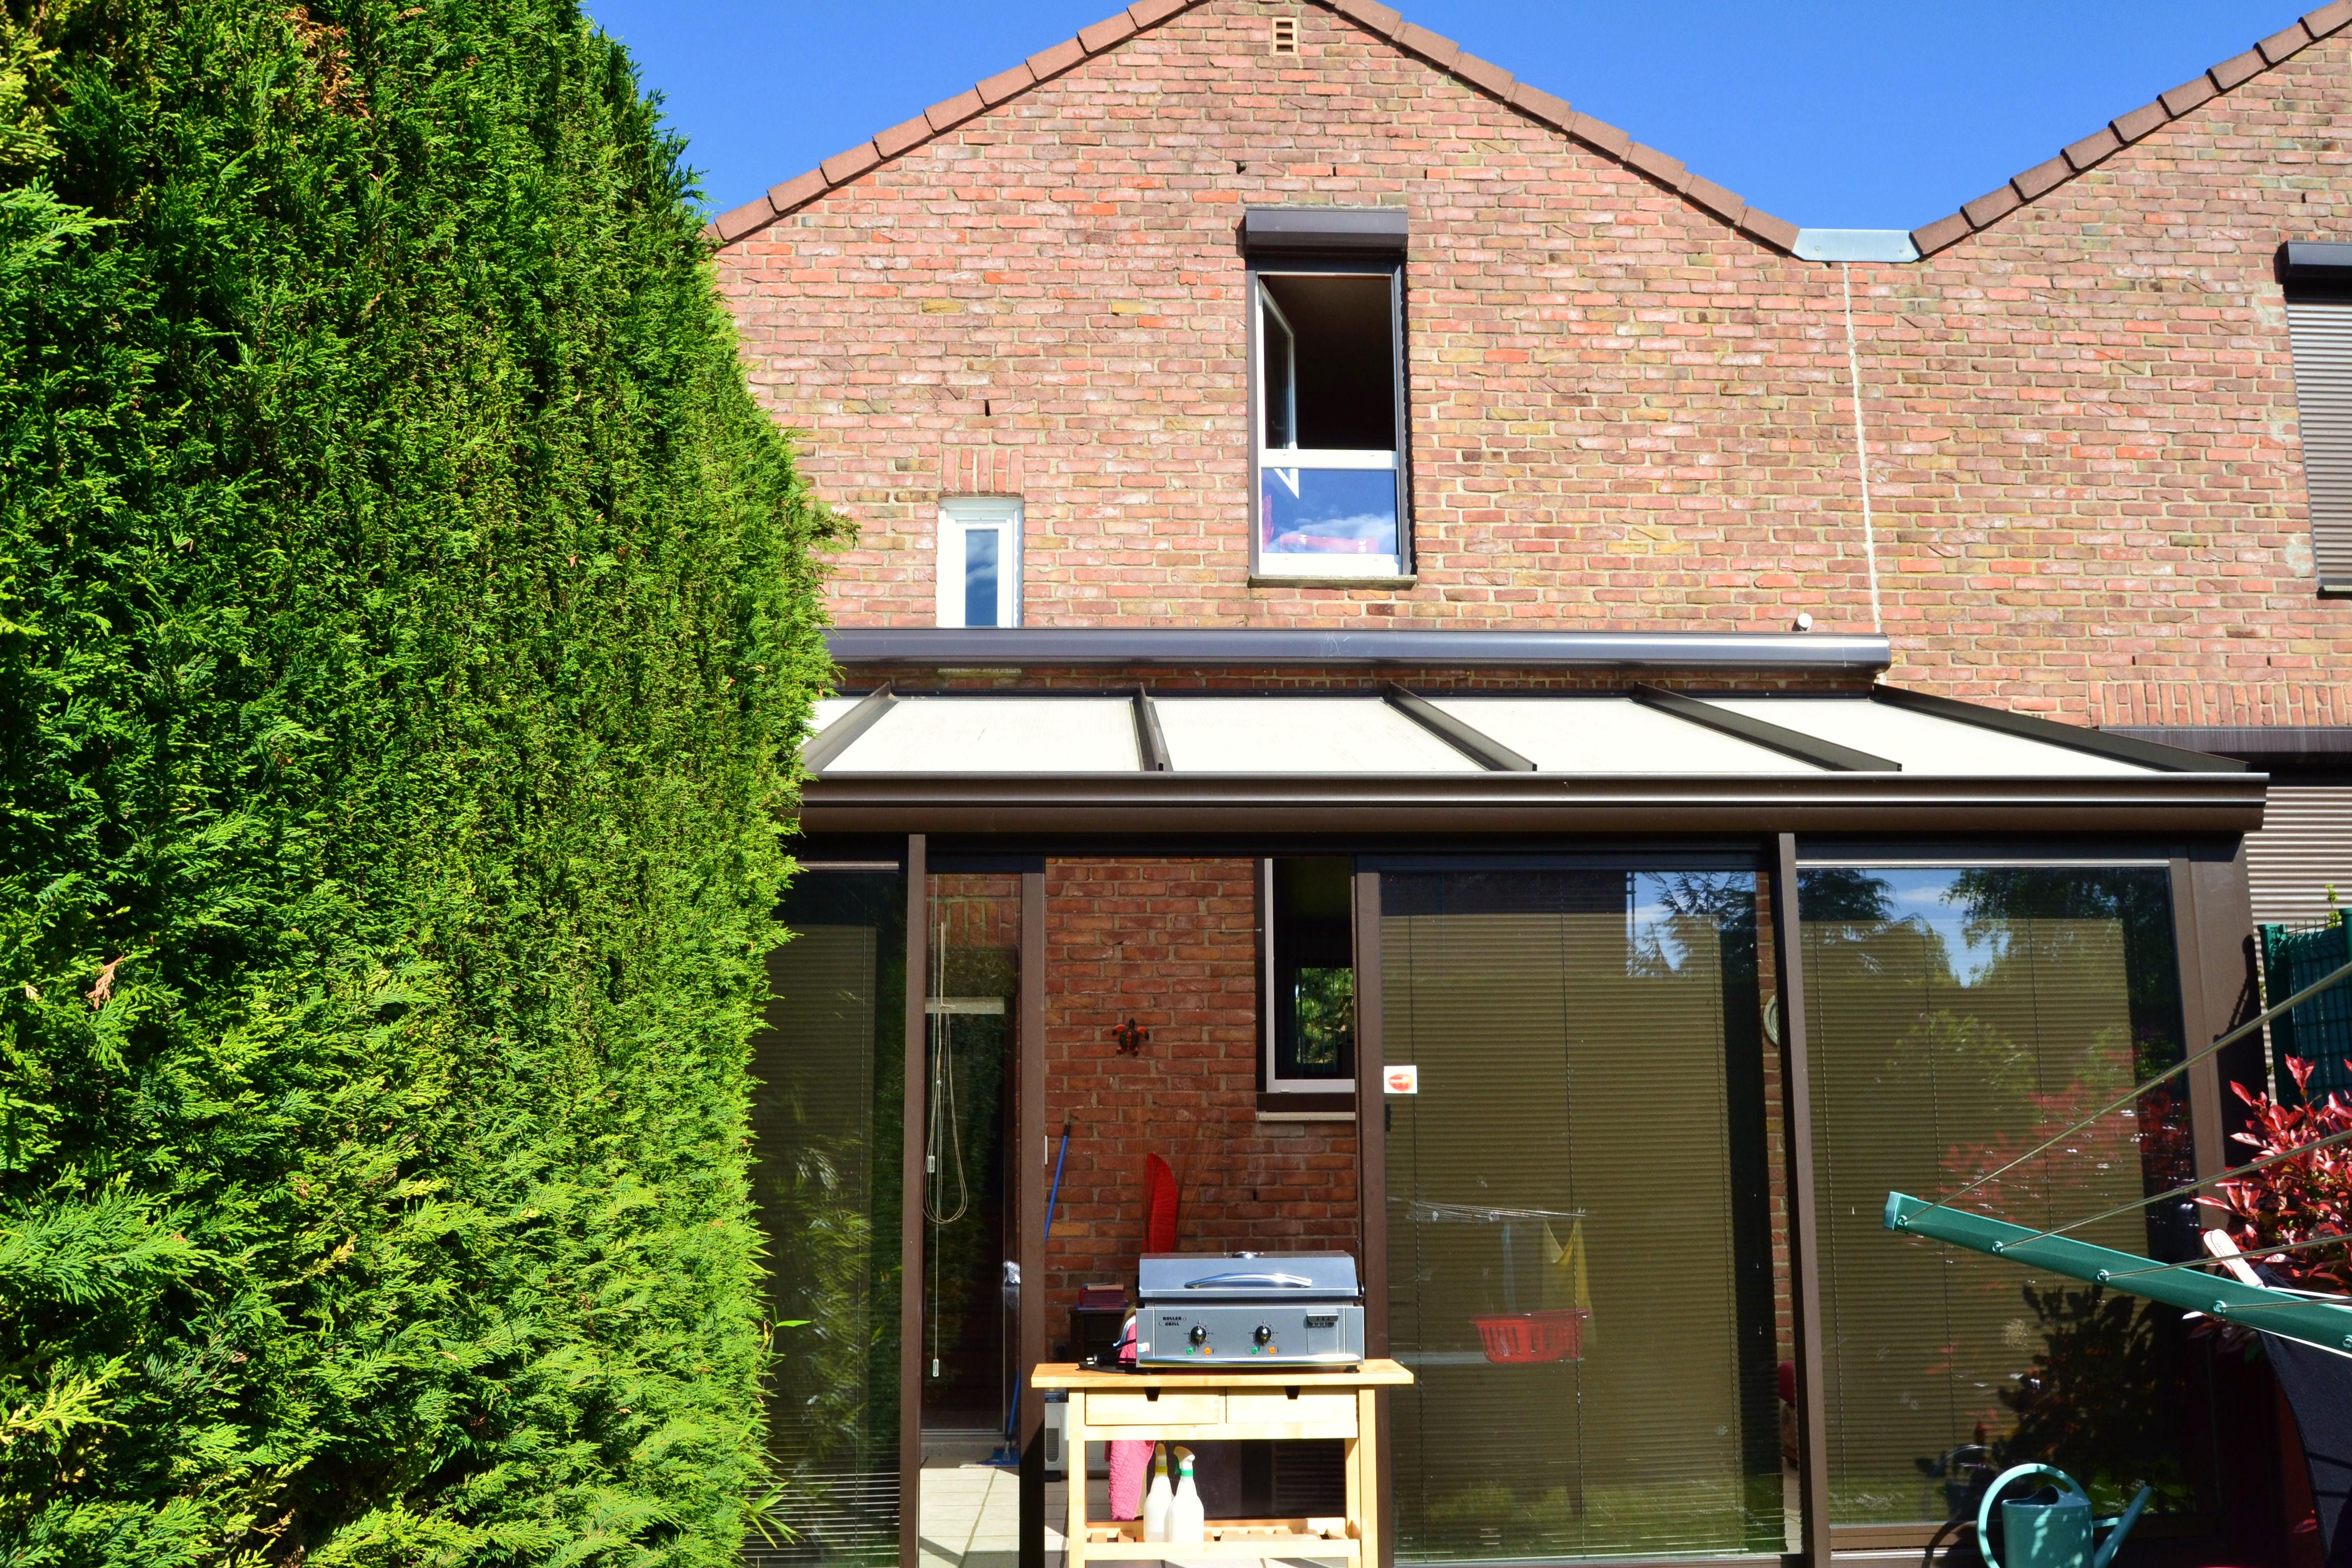 Vente maison val d oise vaureal vaur al 95490 for Piscine vaureal